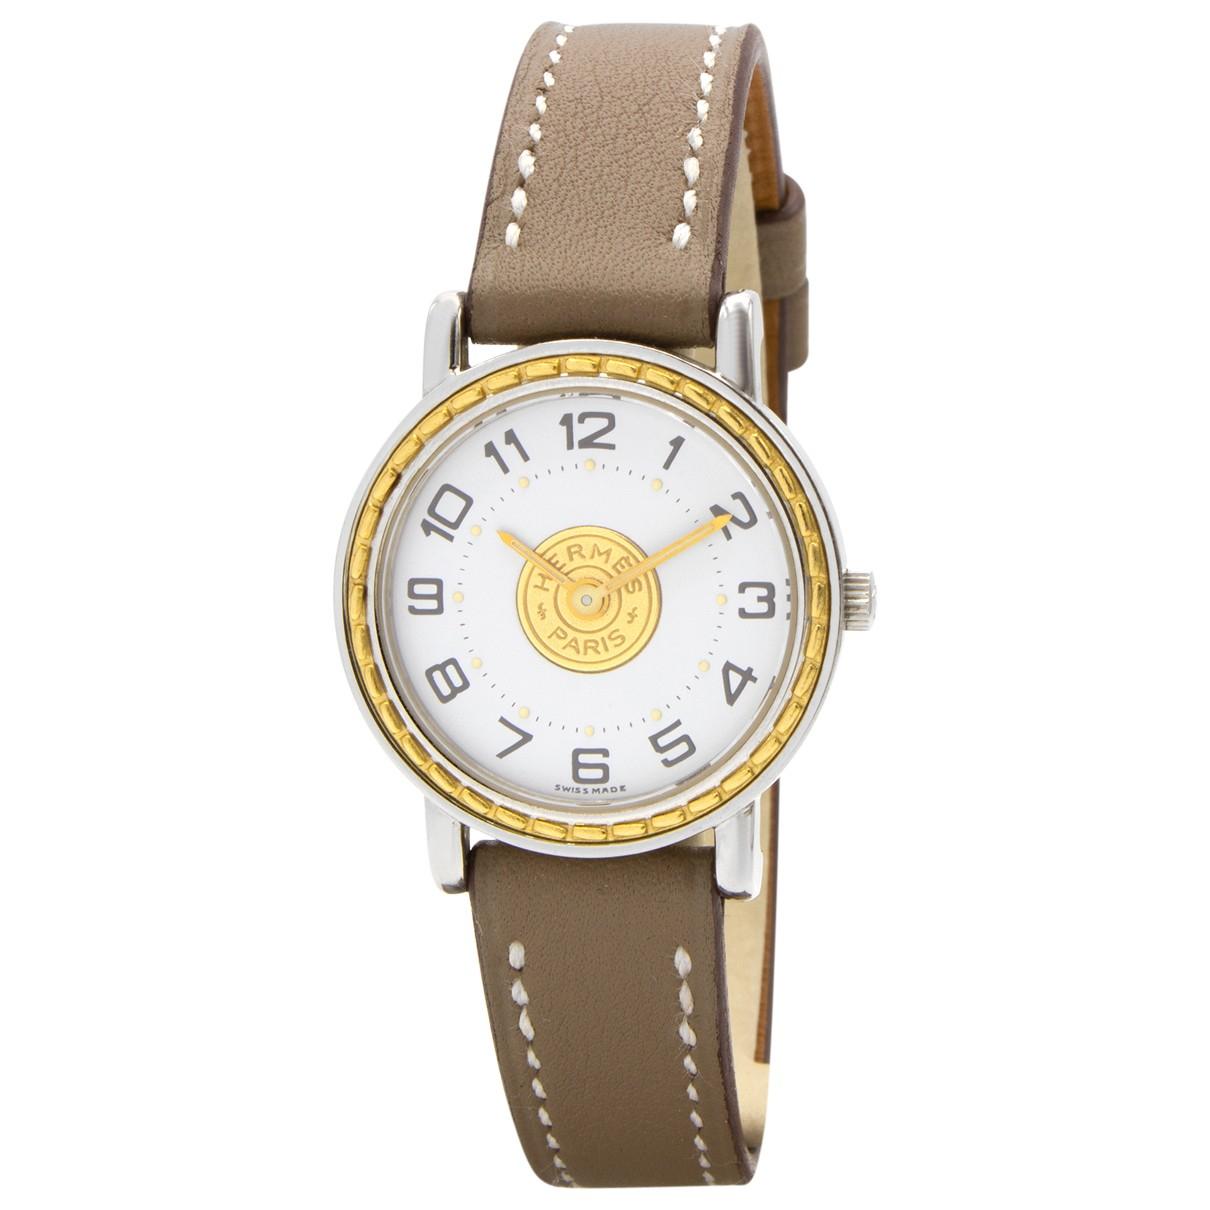 Hermes Sellier Uhr in  Silber Vergoldet